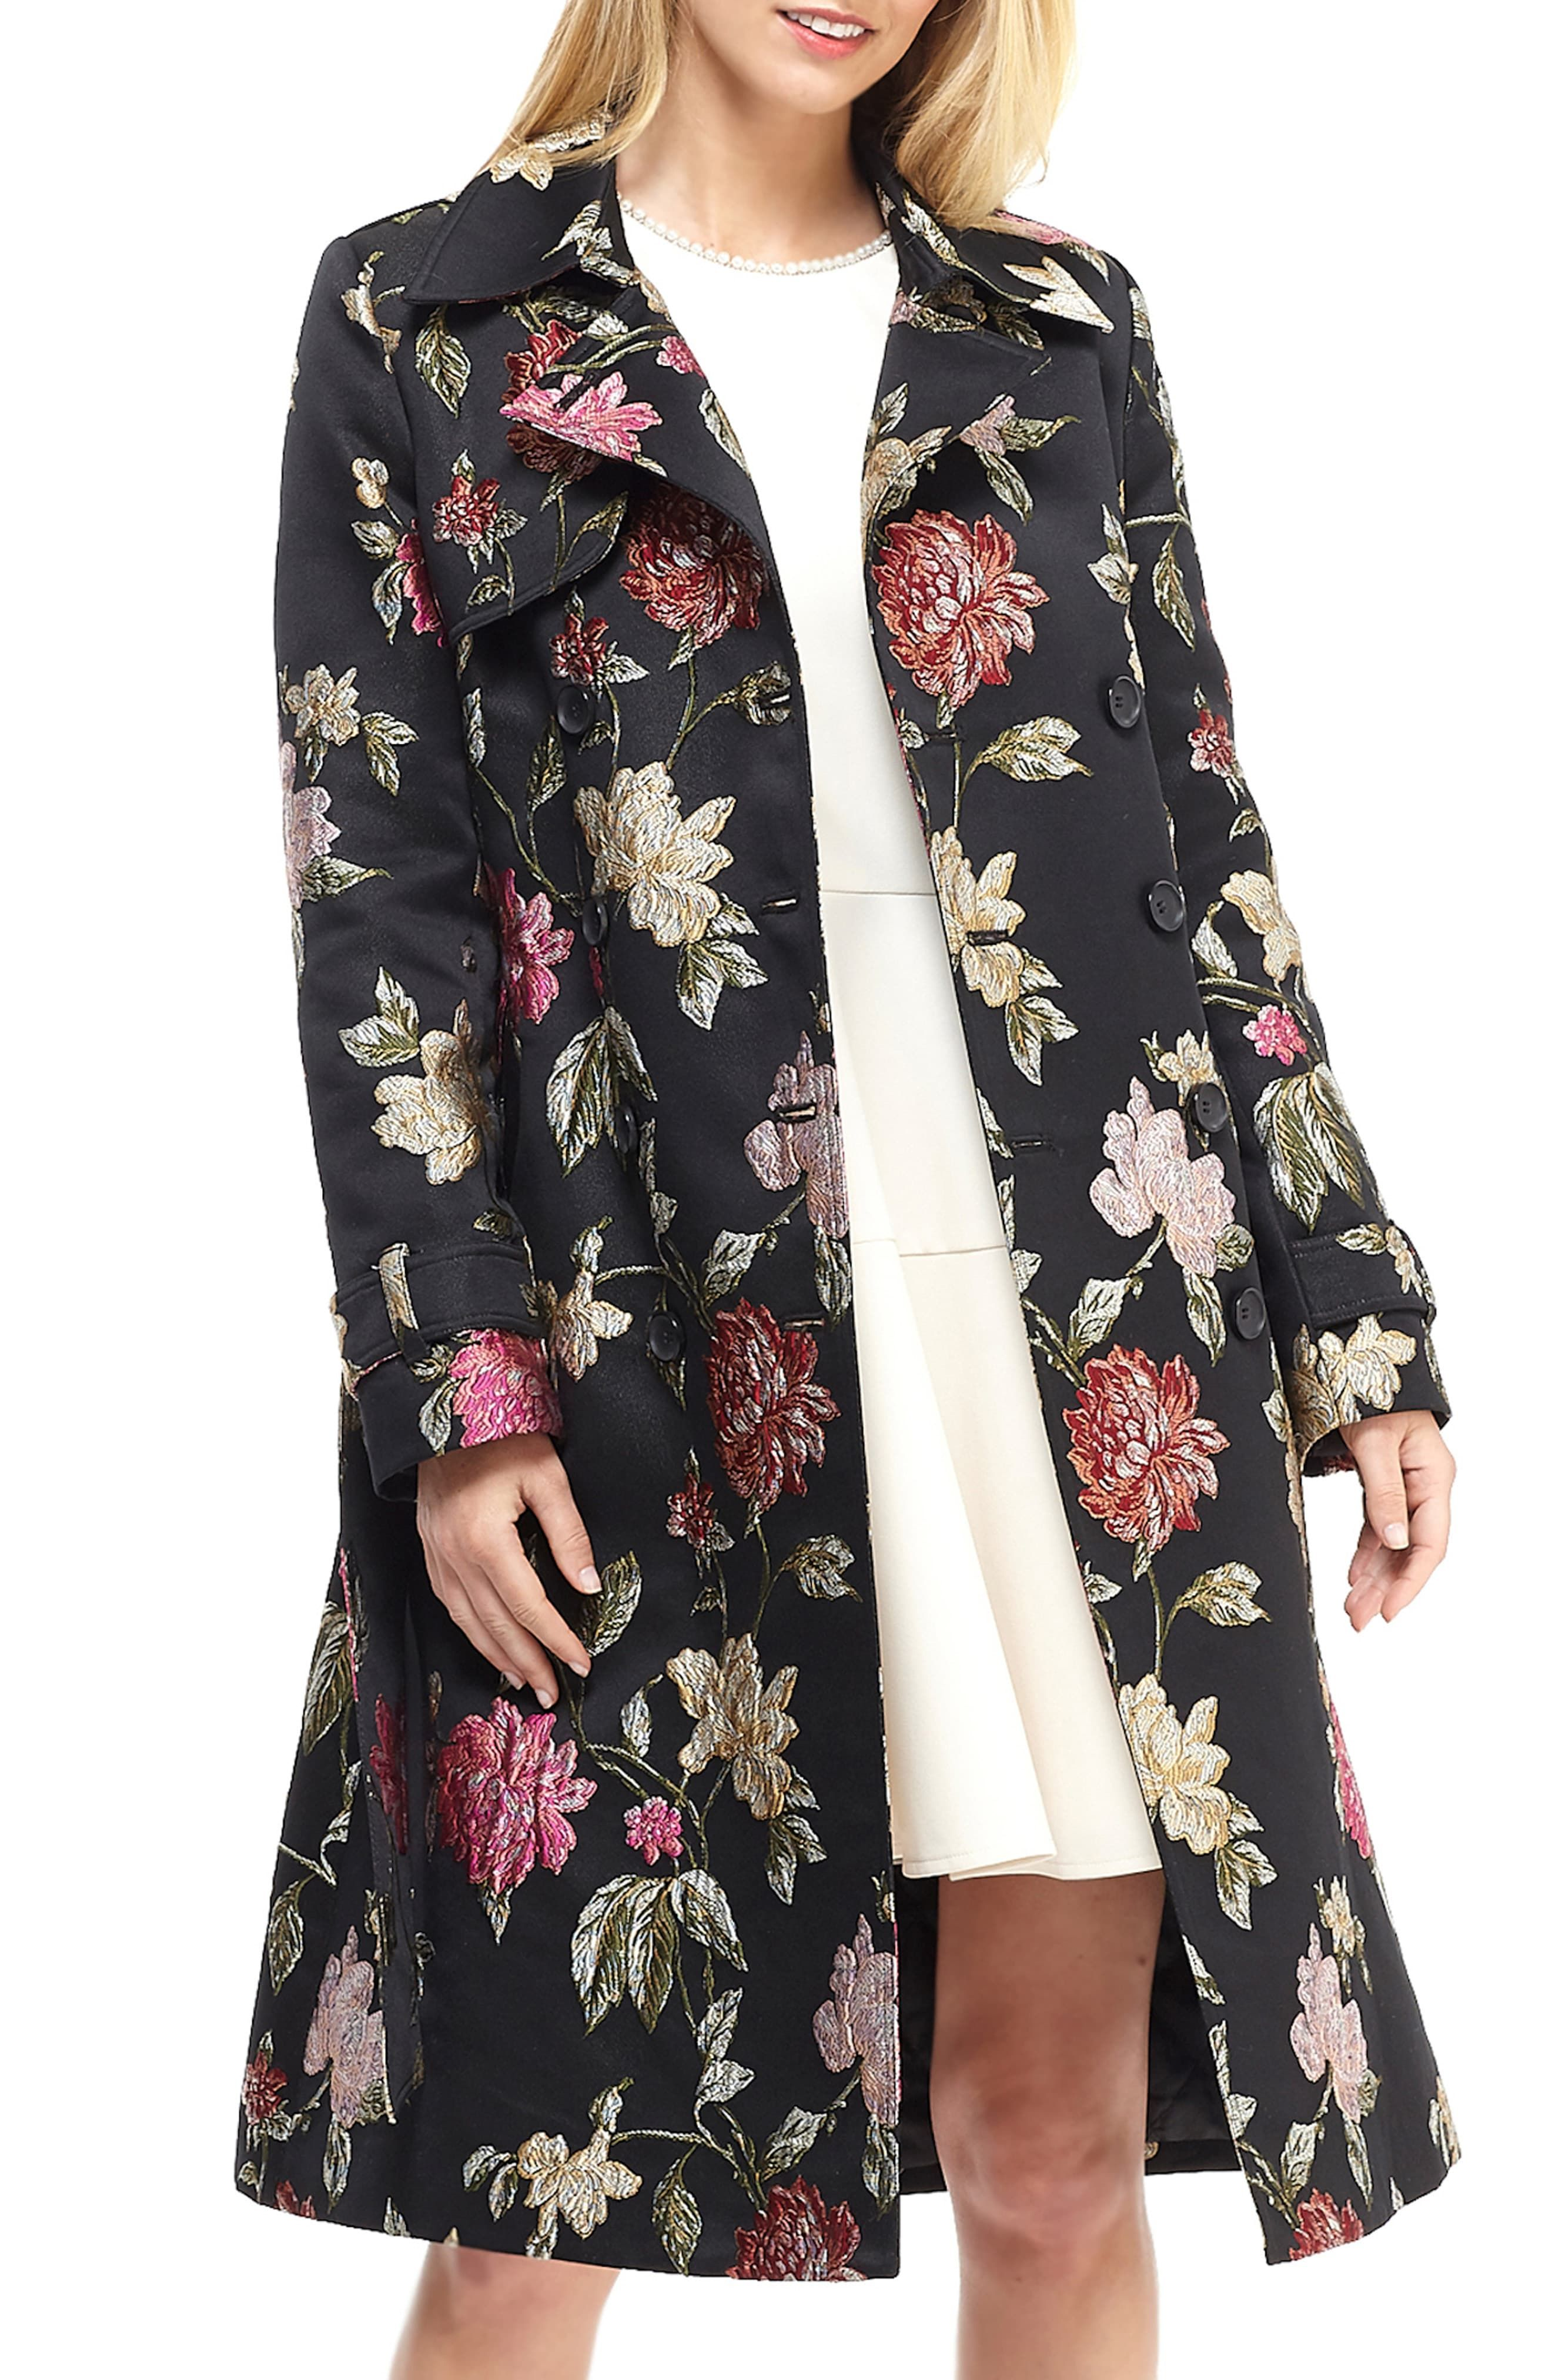 jacquard mantel damen plus size